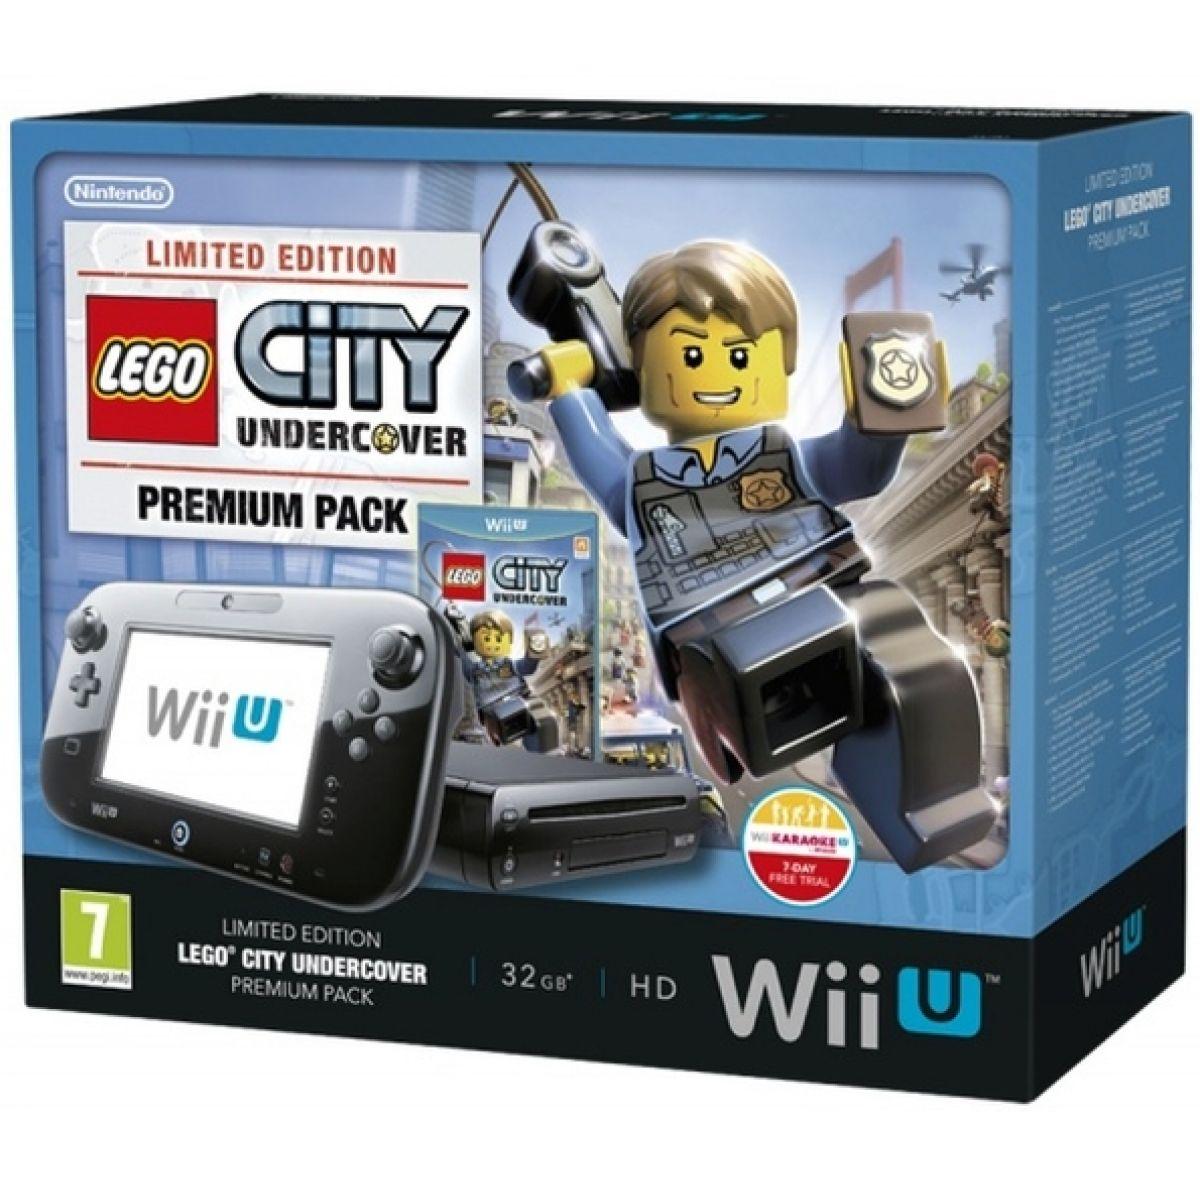 Nintendo Wii U Black Premium Pack (32GB) + LEGO City Undercover